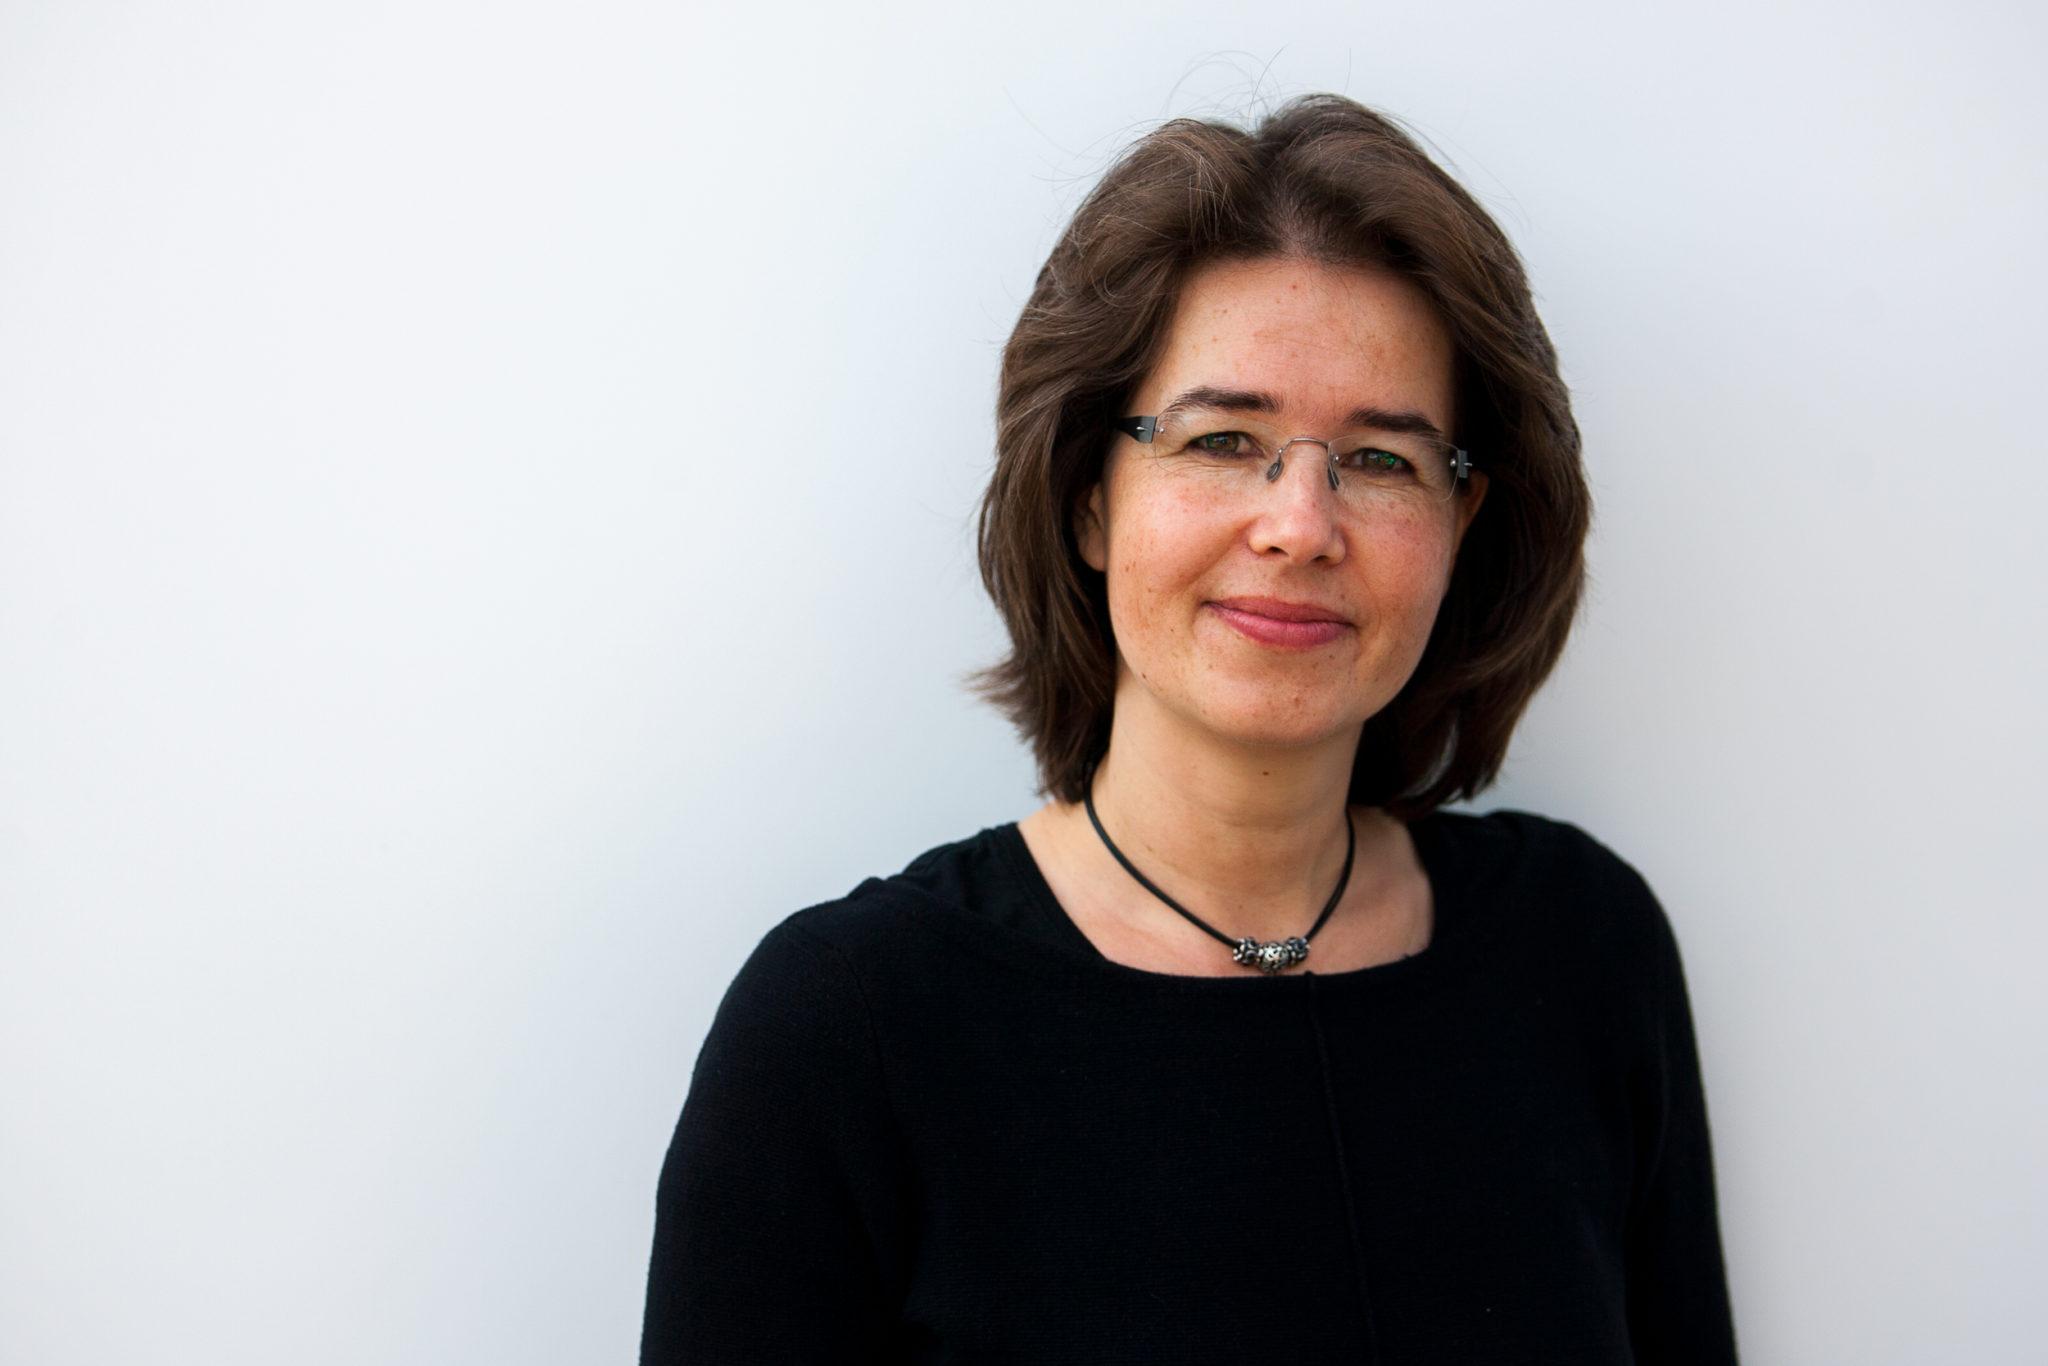 Manuela Wiesensee